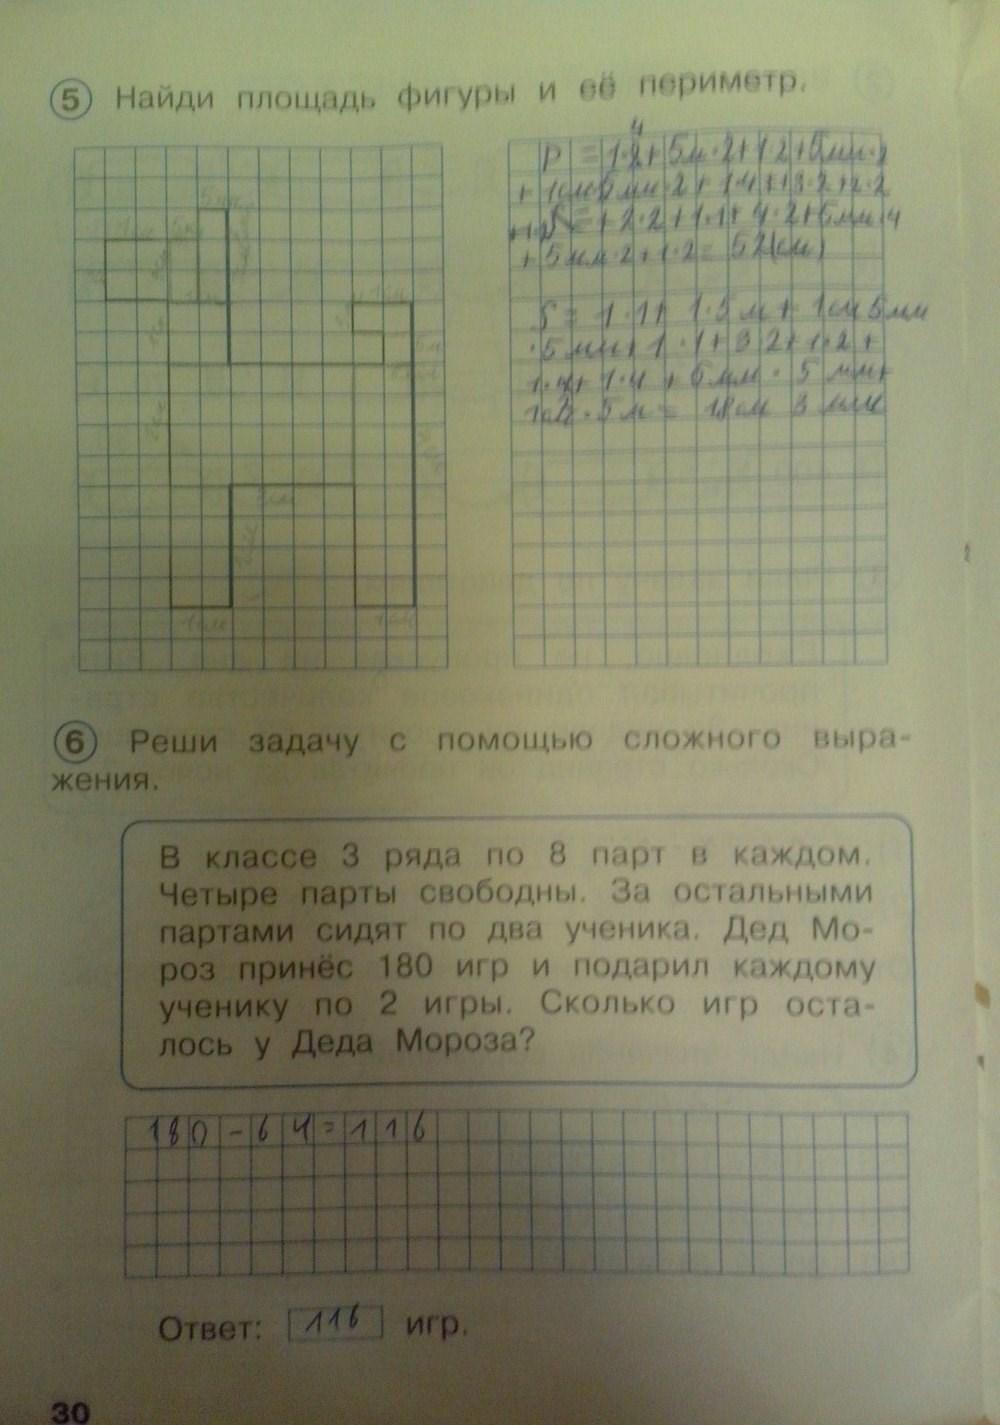 3 класс гдз бененсон рабочая тетрадь 3 ответы математика